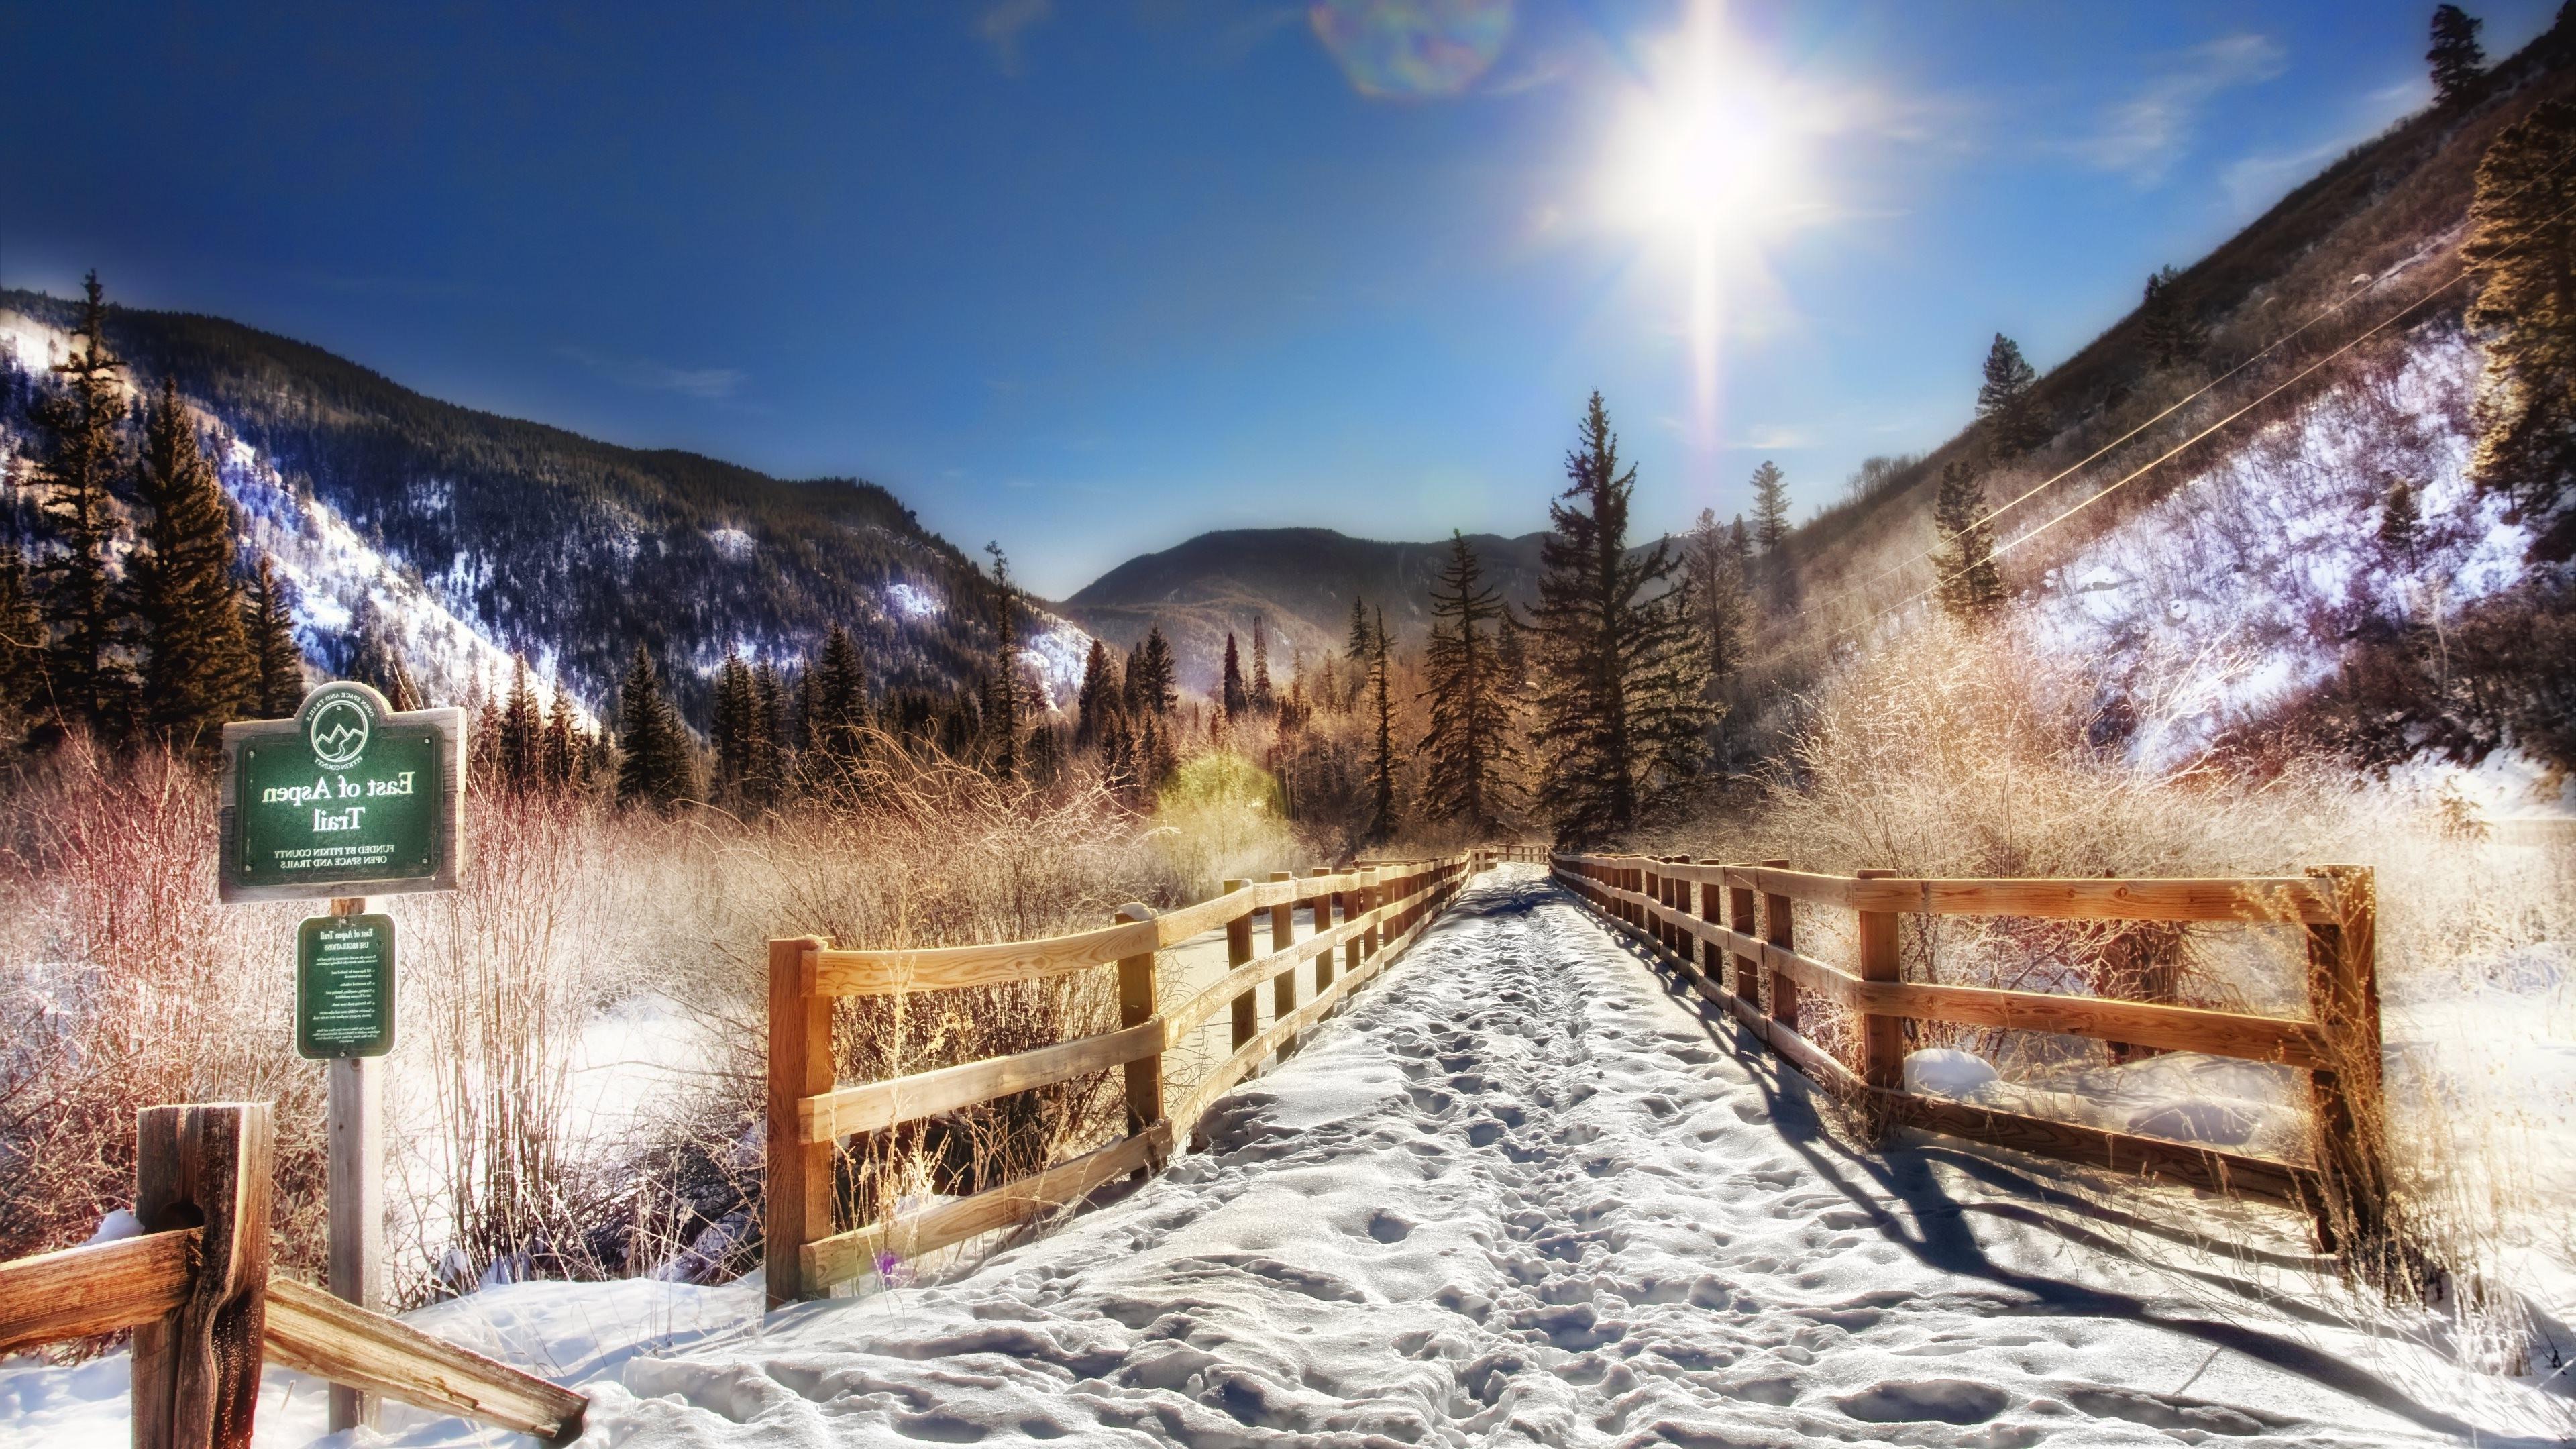 Fondos de pantalla naturaleza cielo nieve invierno - Cabanas de madera en la nieve ...